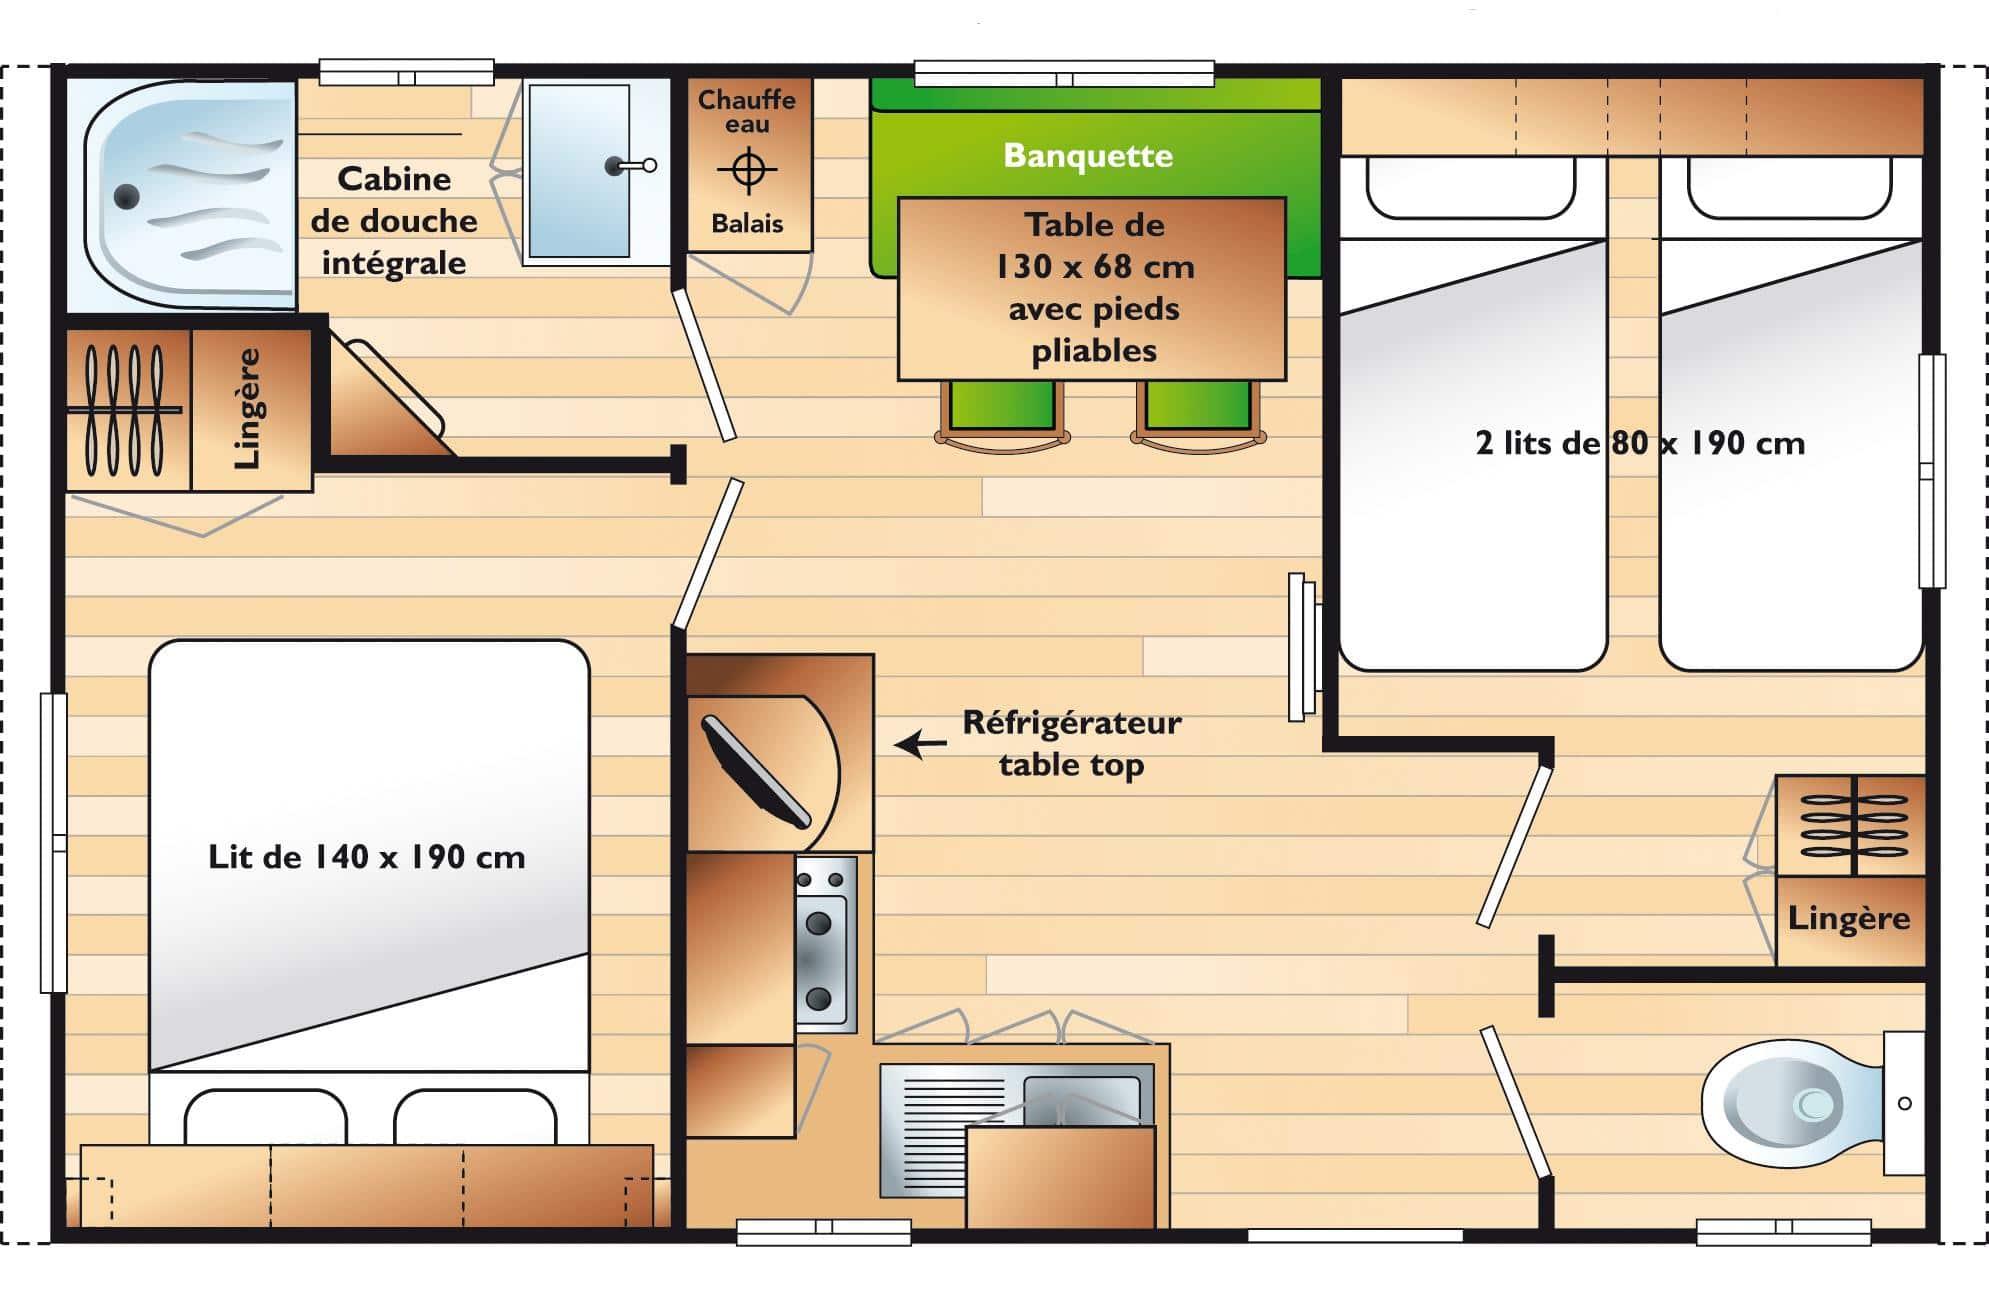 Vente de mobil home sur camping : pourquoi devenir propriétaire